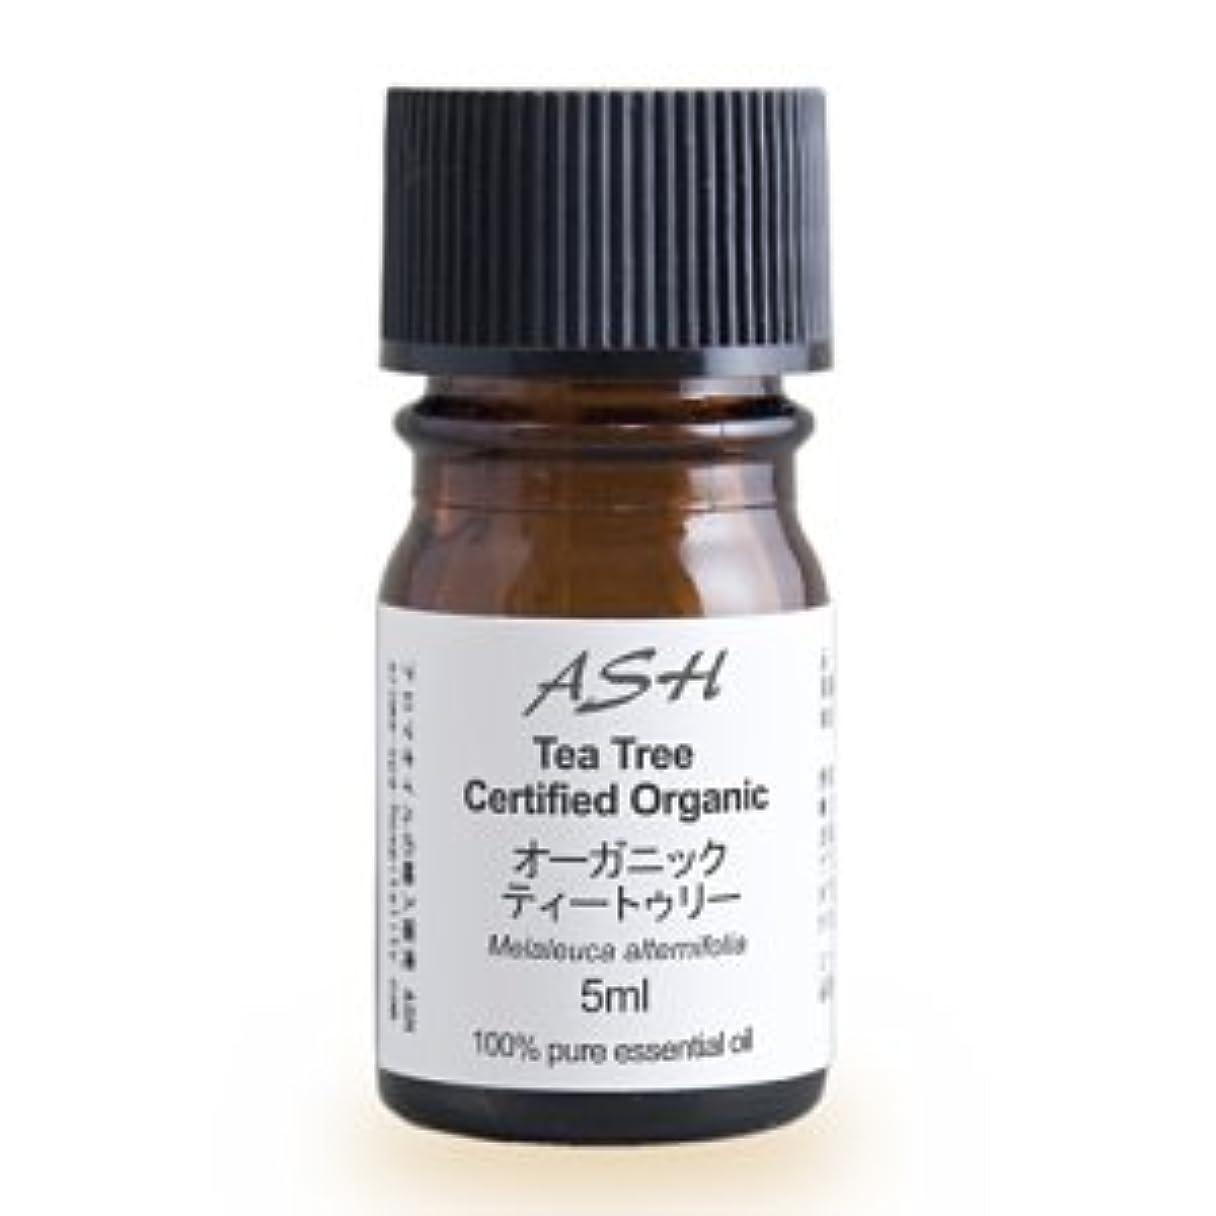 シャトルテクニカルミスASH オーガニック ティートゥリー (ティーツリー) エッセンシャルオイル 5ml AEAJ表示基準適合認定精油